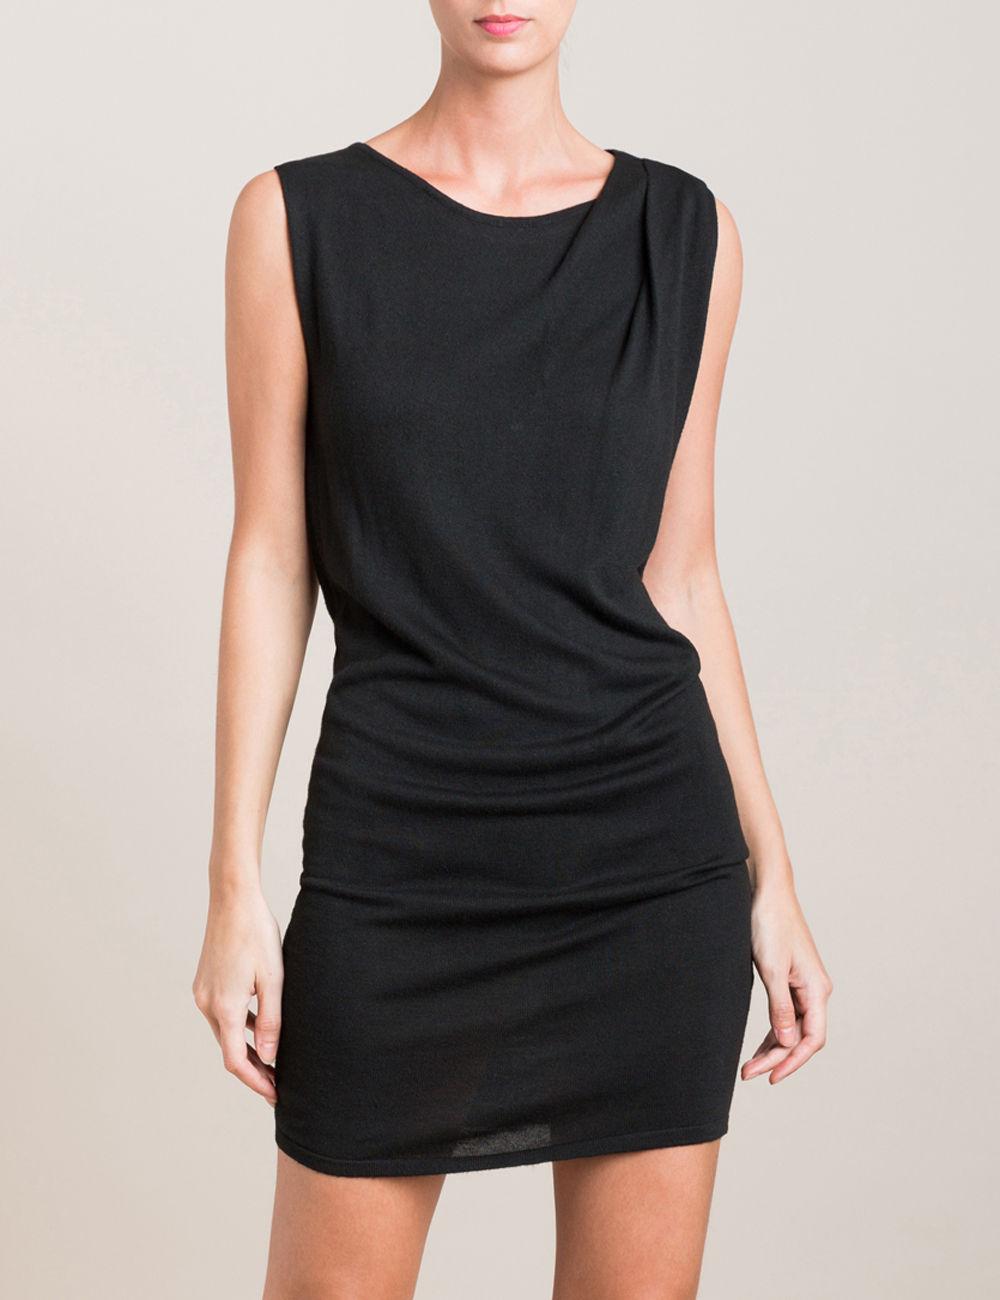 Jusqu'à 70% sur une sélection d'articles + livraison gratuite en magasin - Ex : Robe pull noire